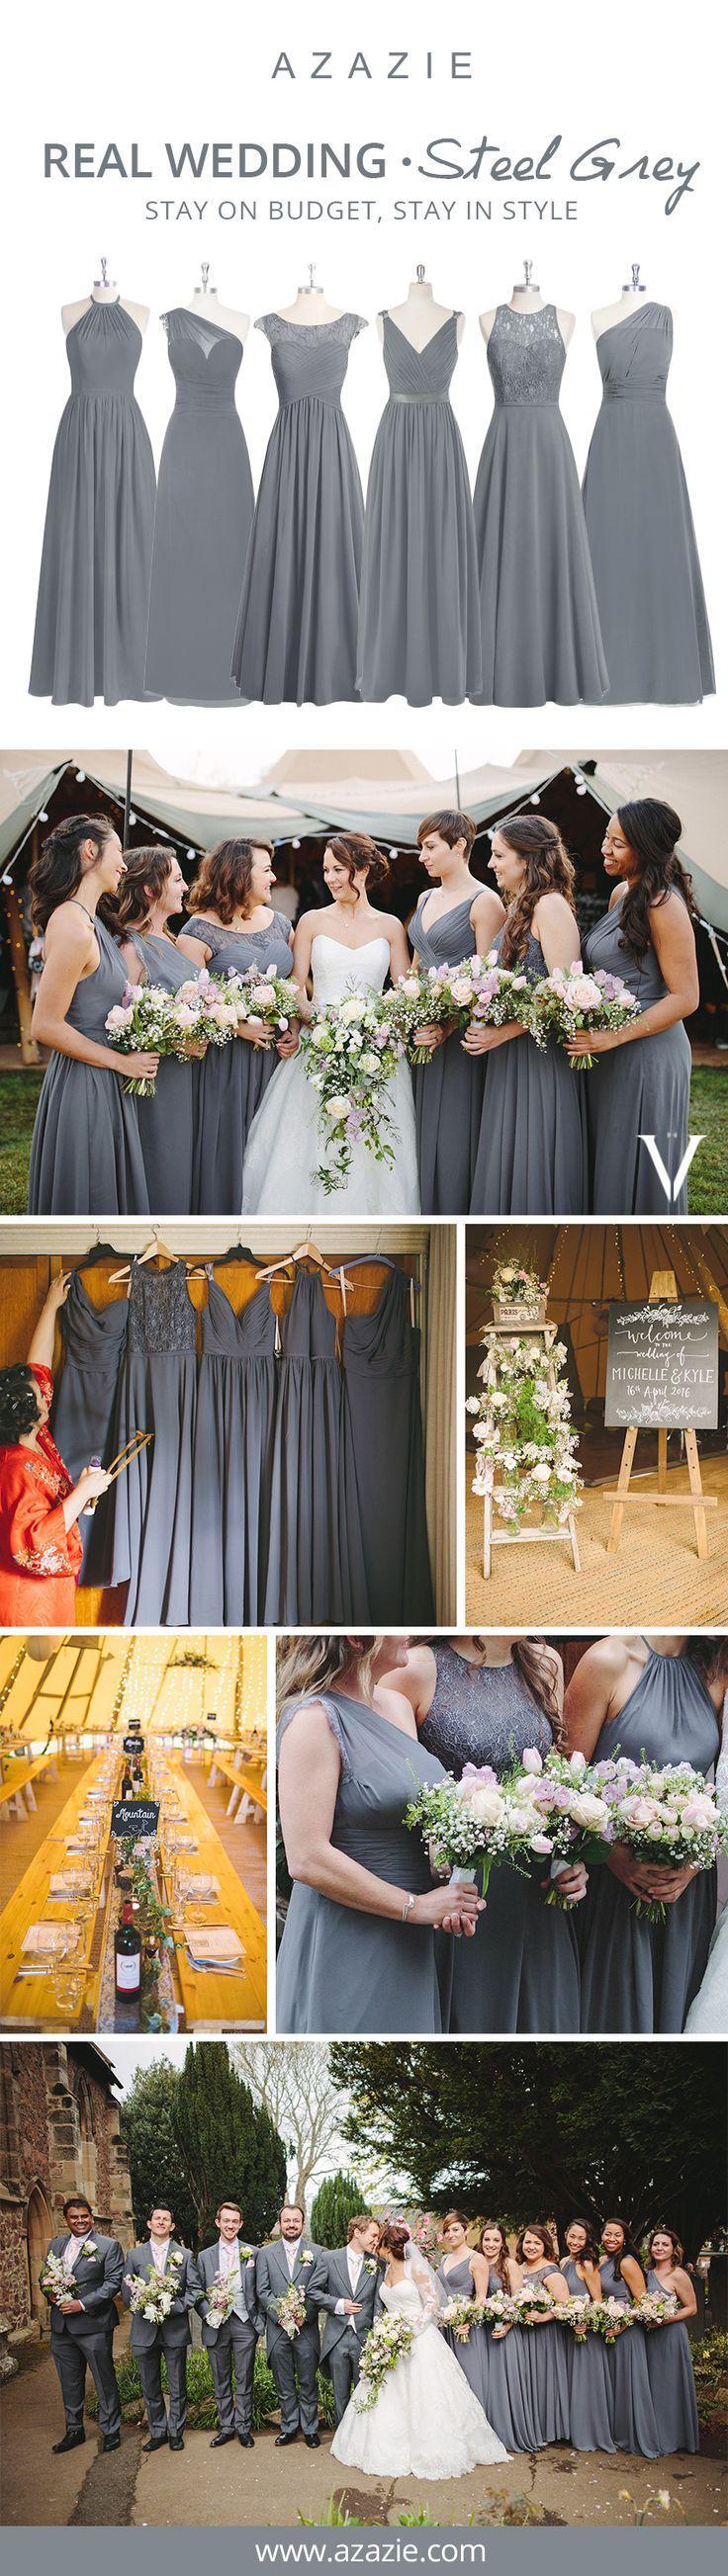 Wedding - Azazie Collection